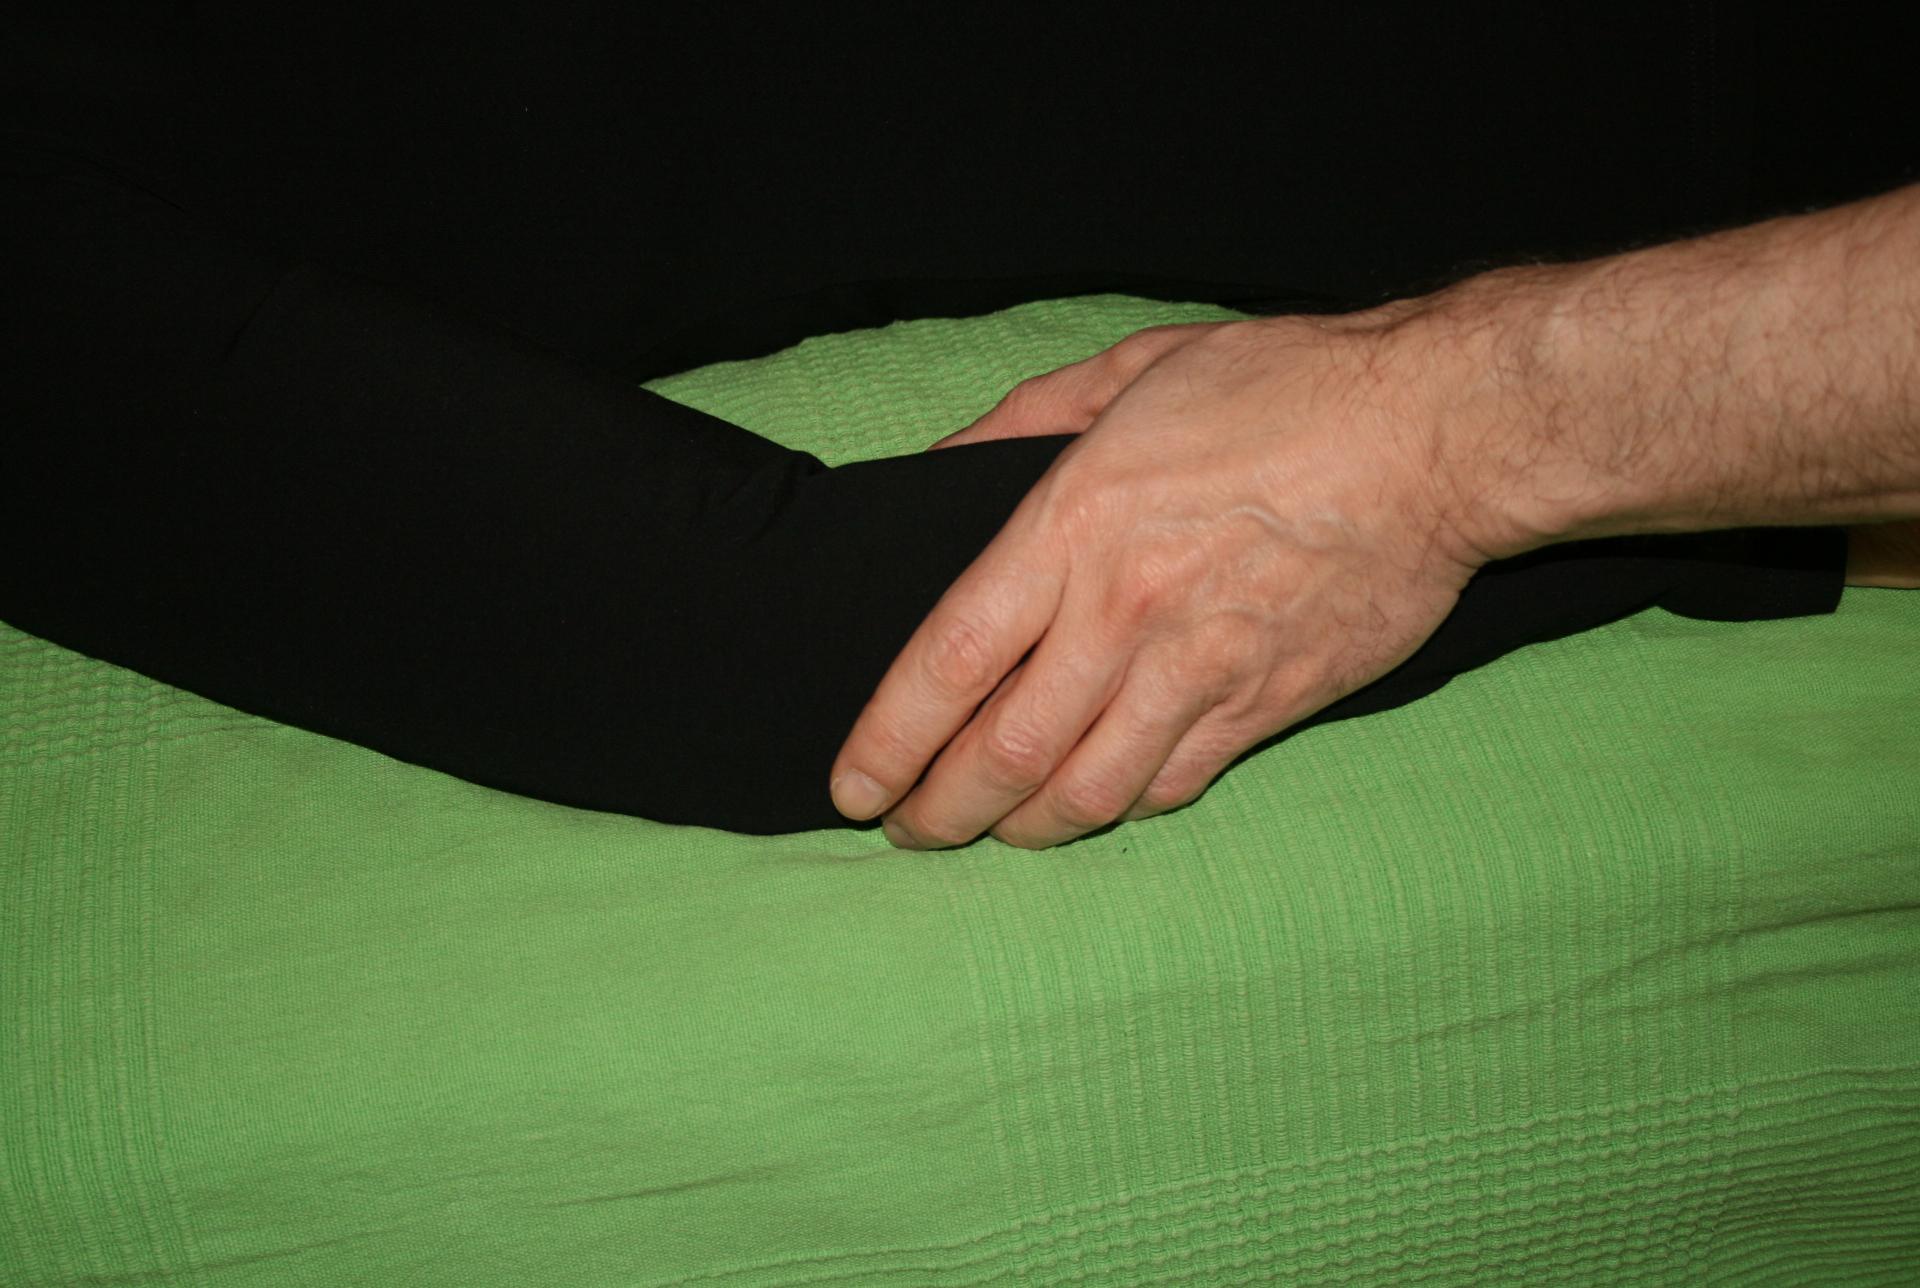 Billedet viser en en klient, der får behandling mod en tennisalbue.